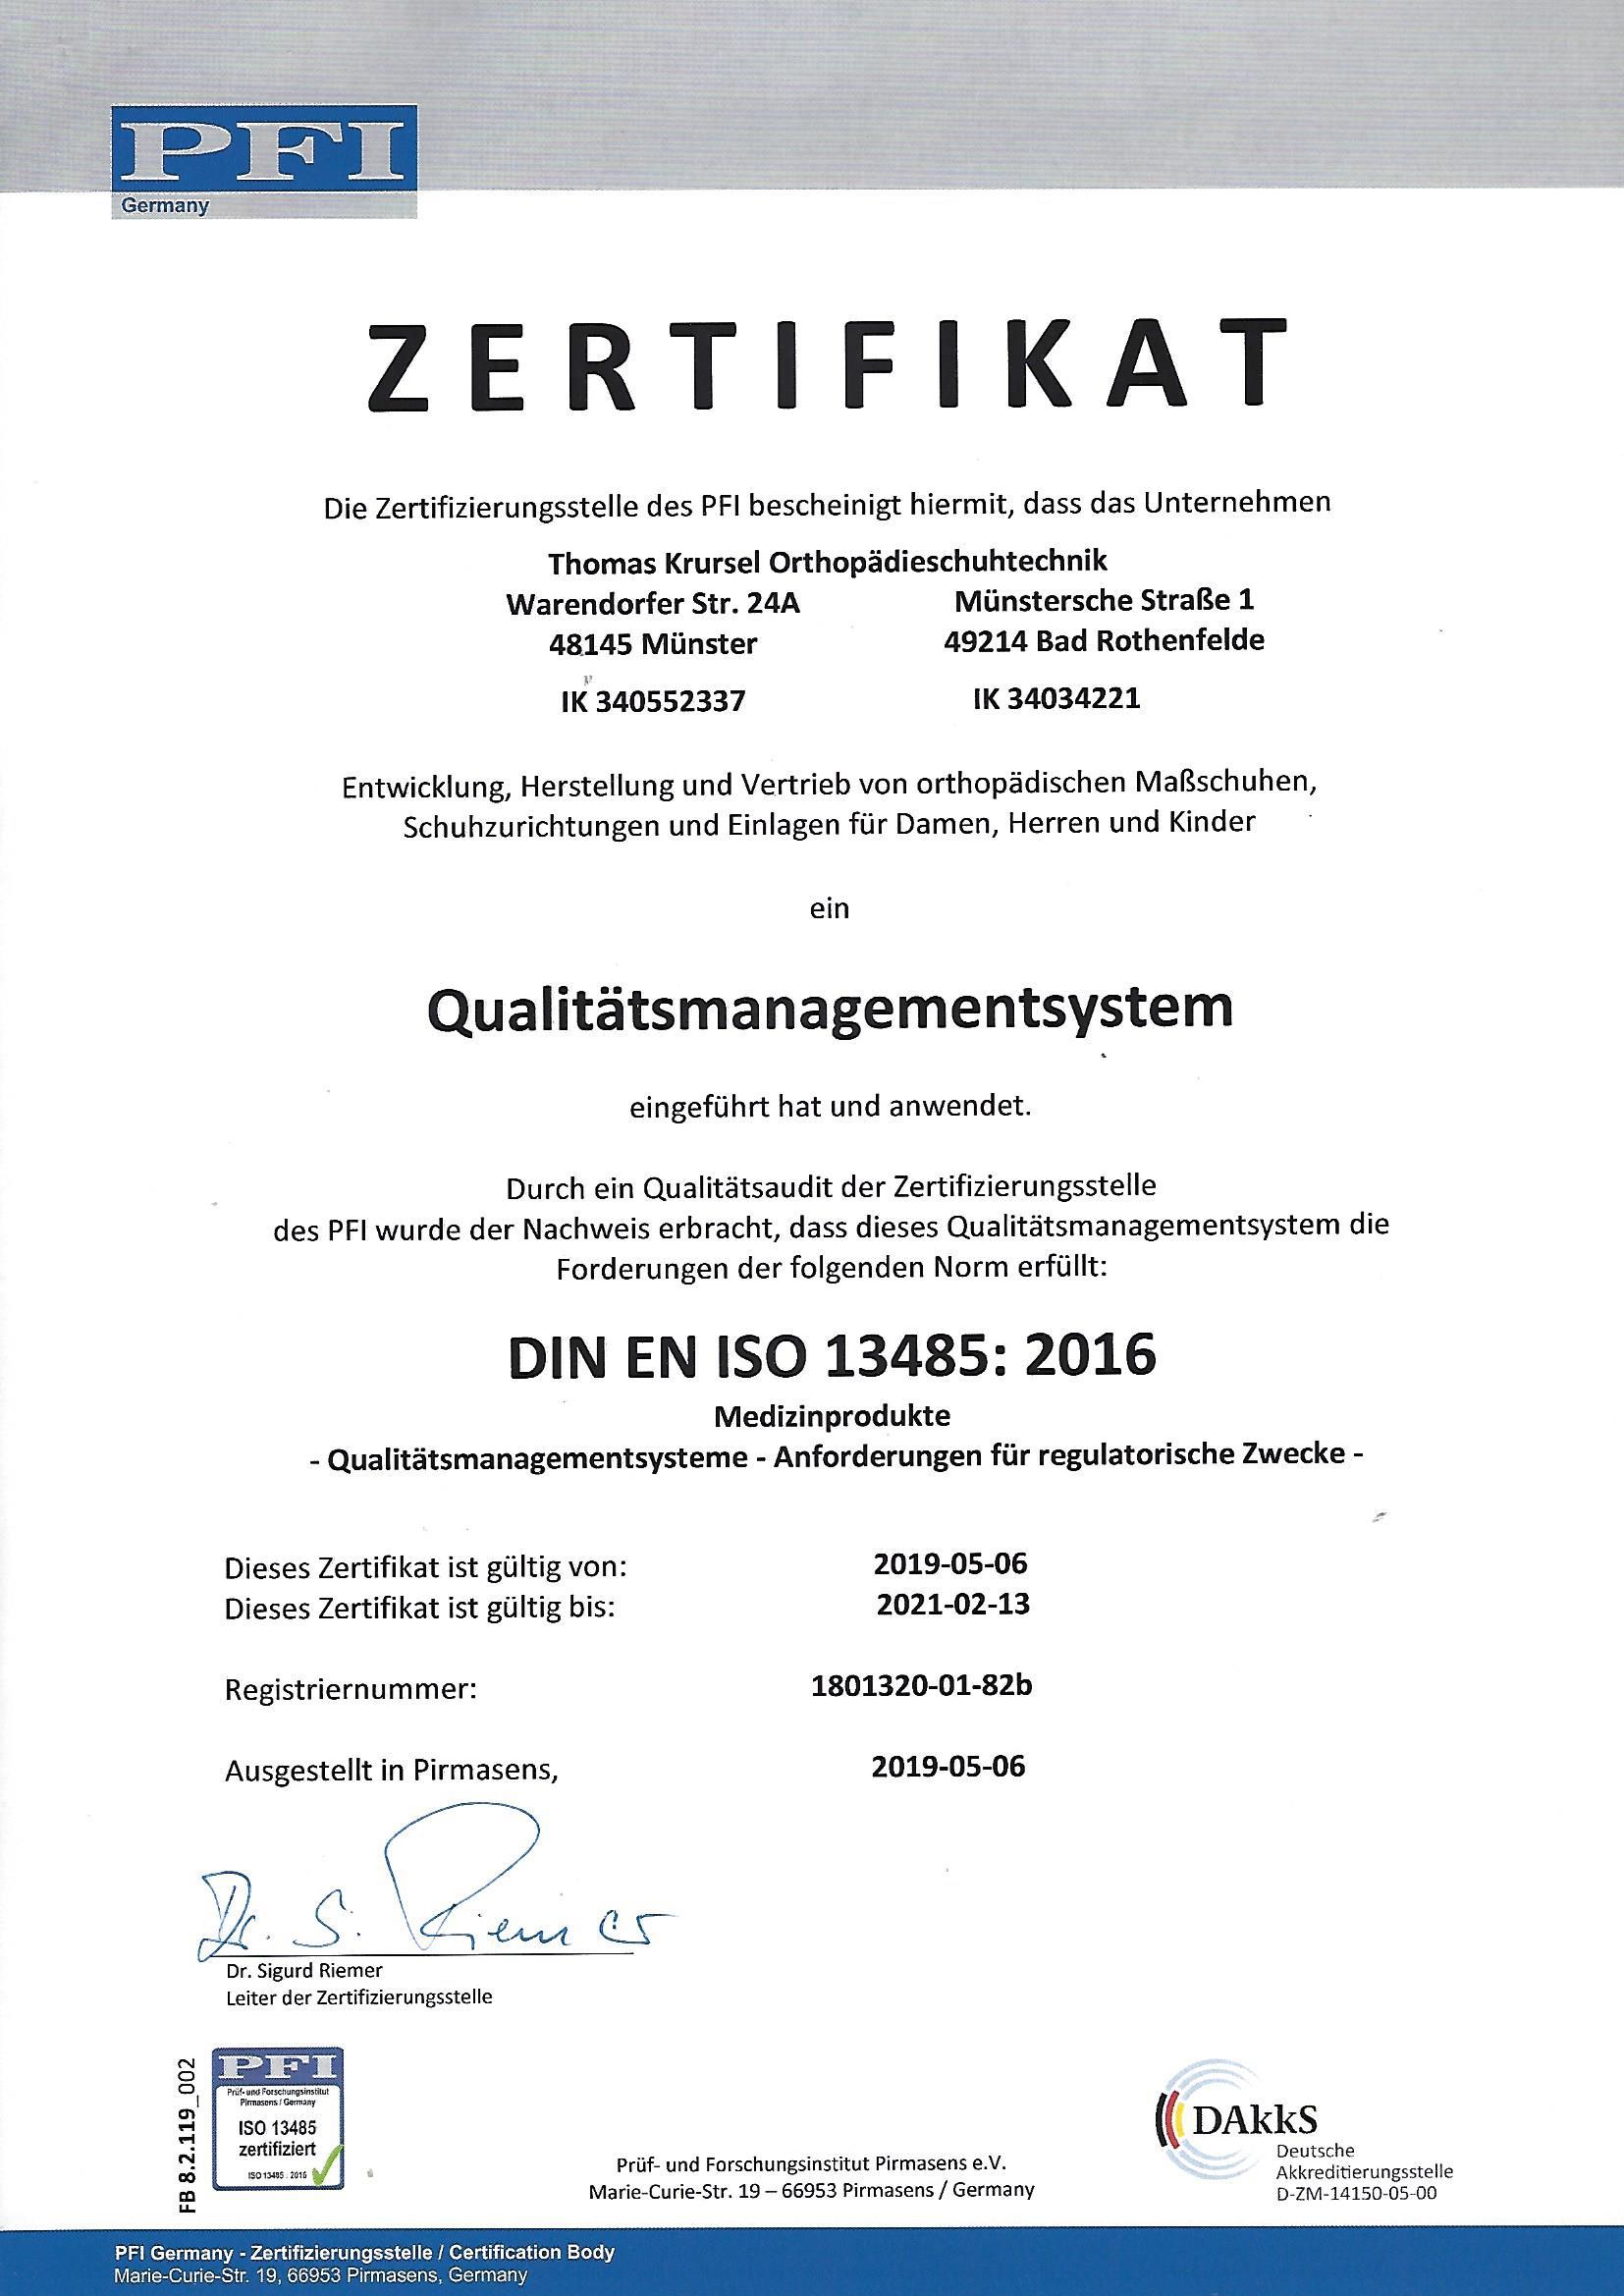 PFI Zertifikat Münster und Bad Rothenfelde 2020